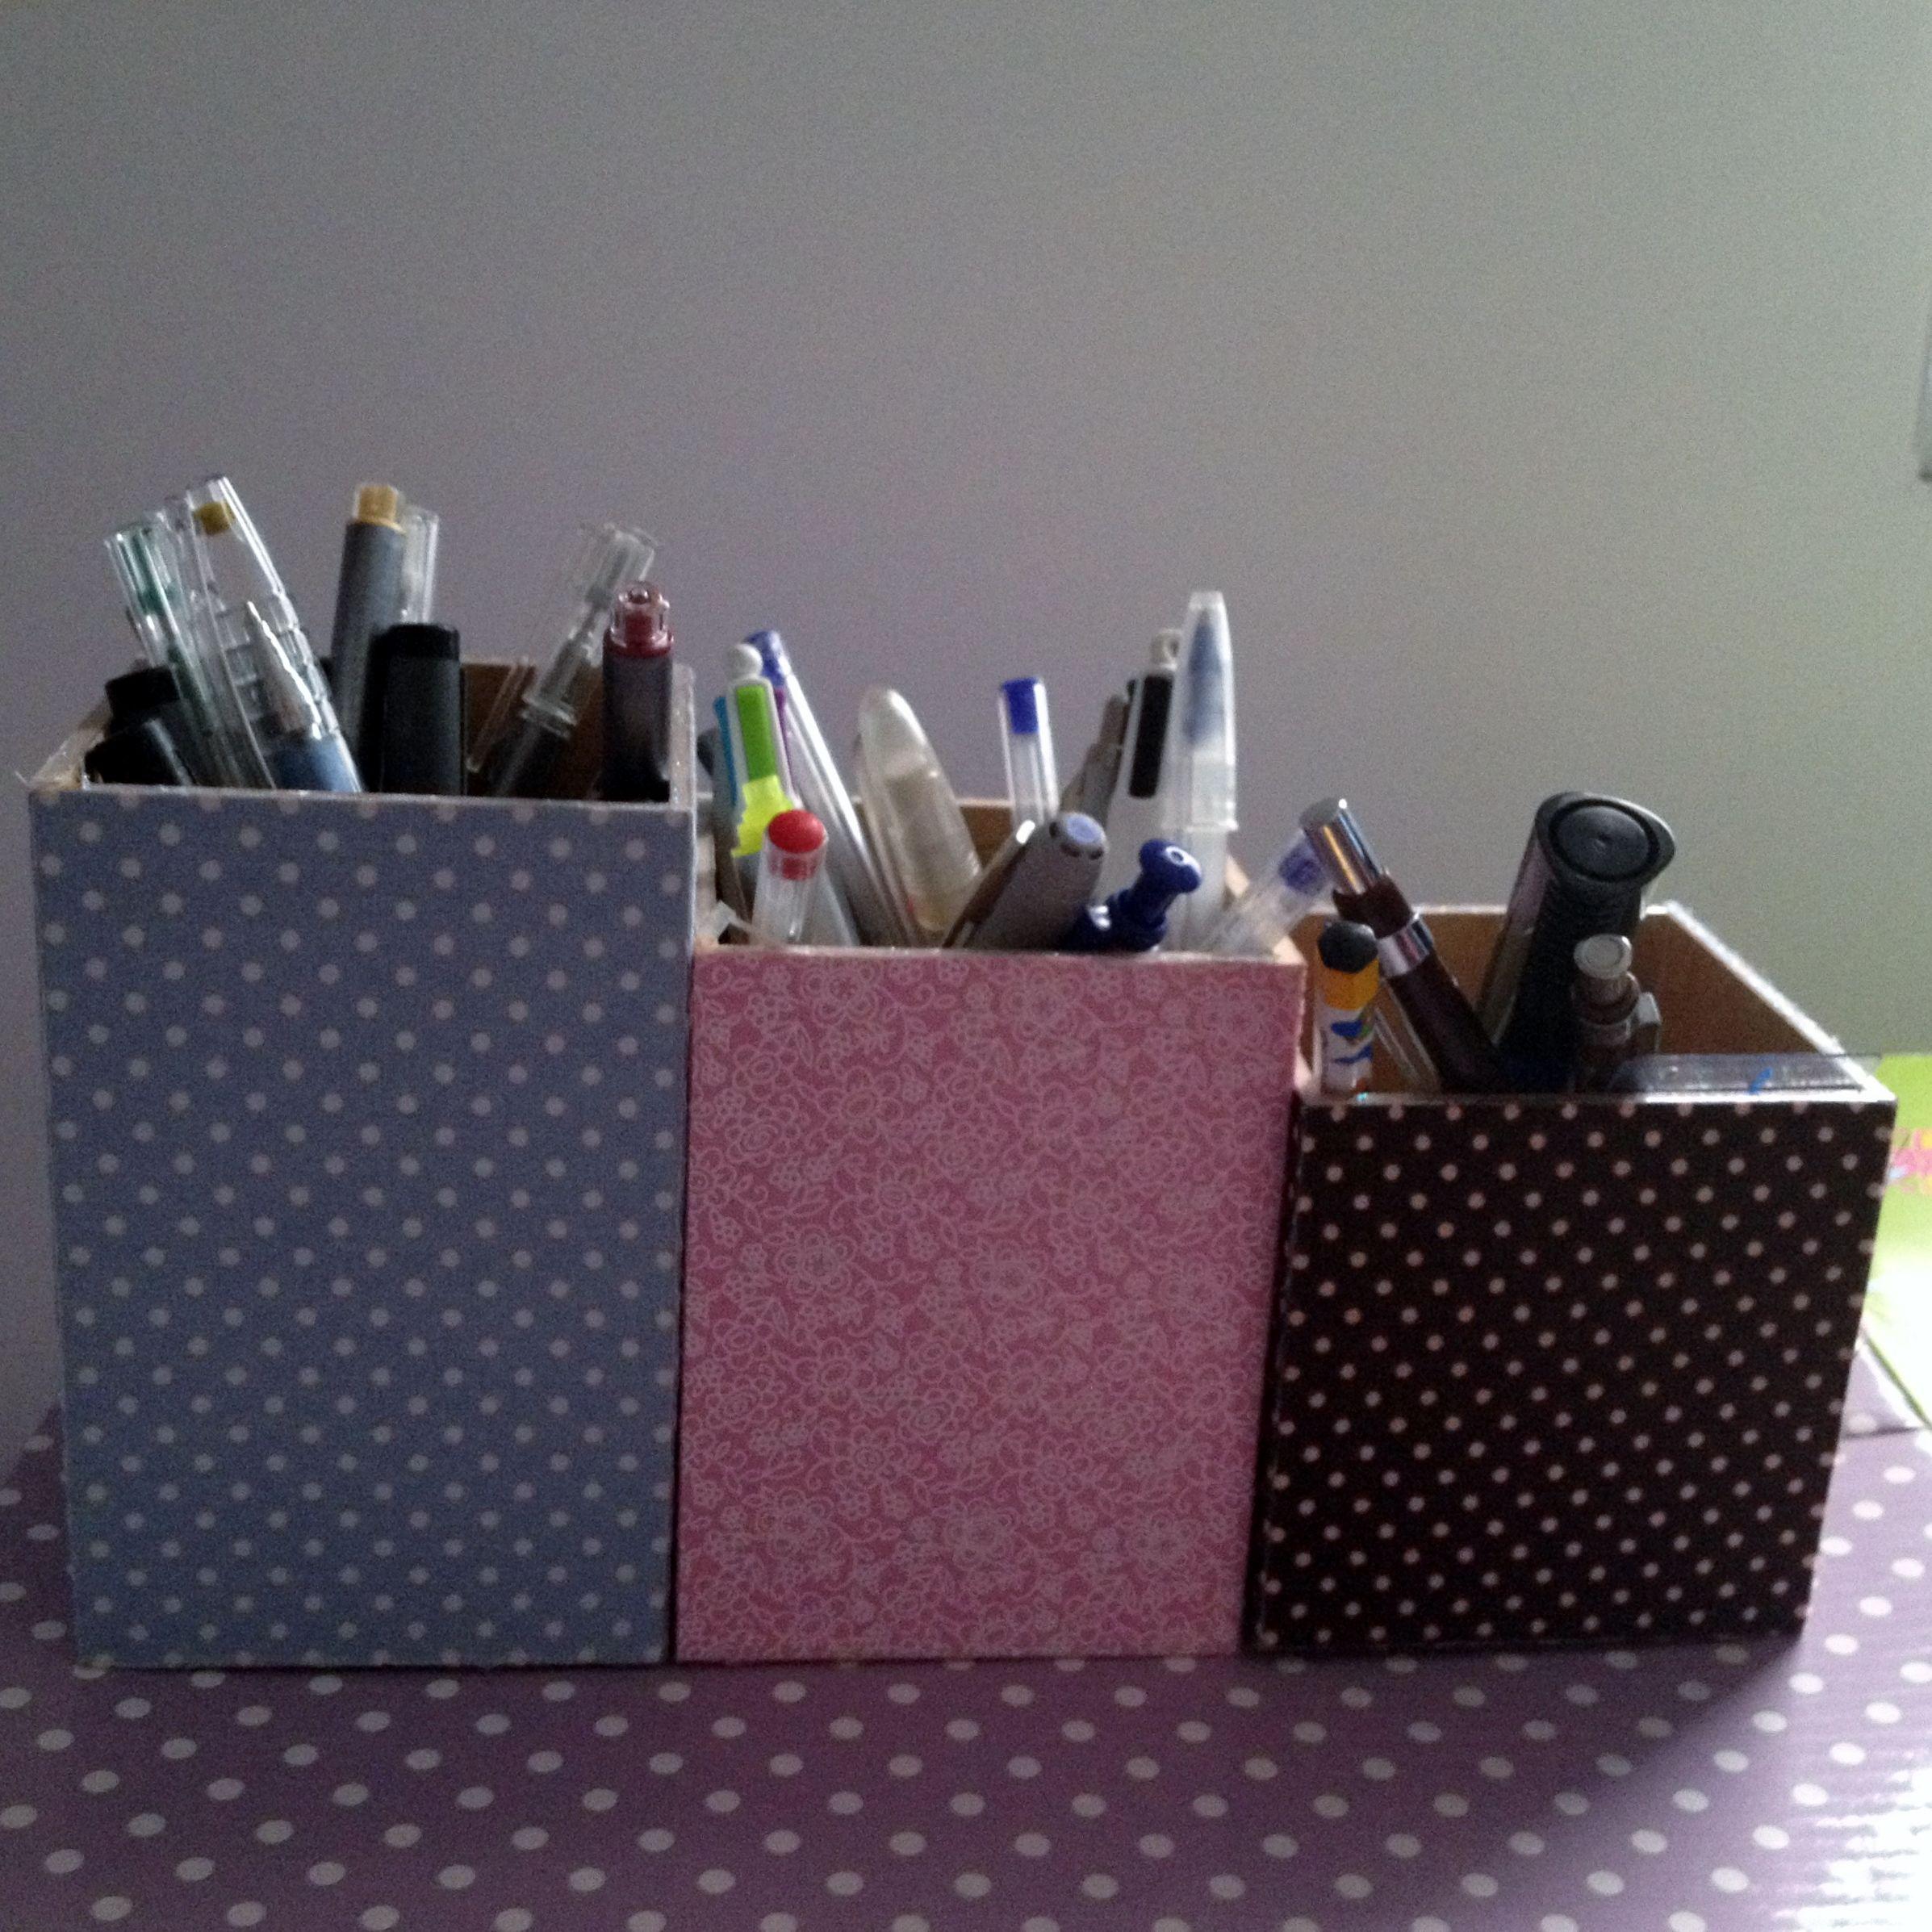 Porta lápis de madeira forrado com tecido. #849437 2394x2394